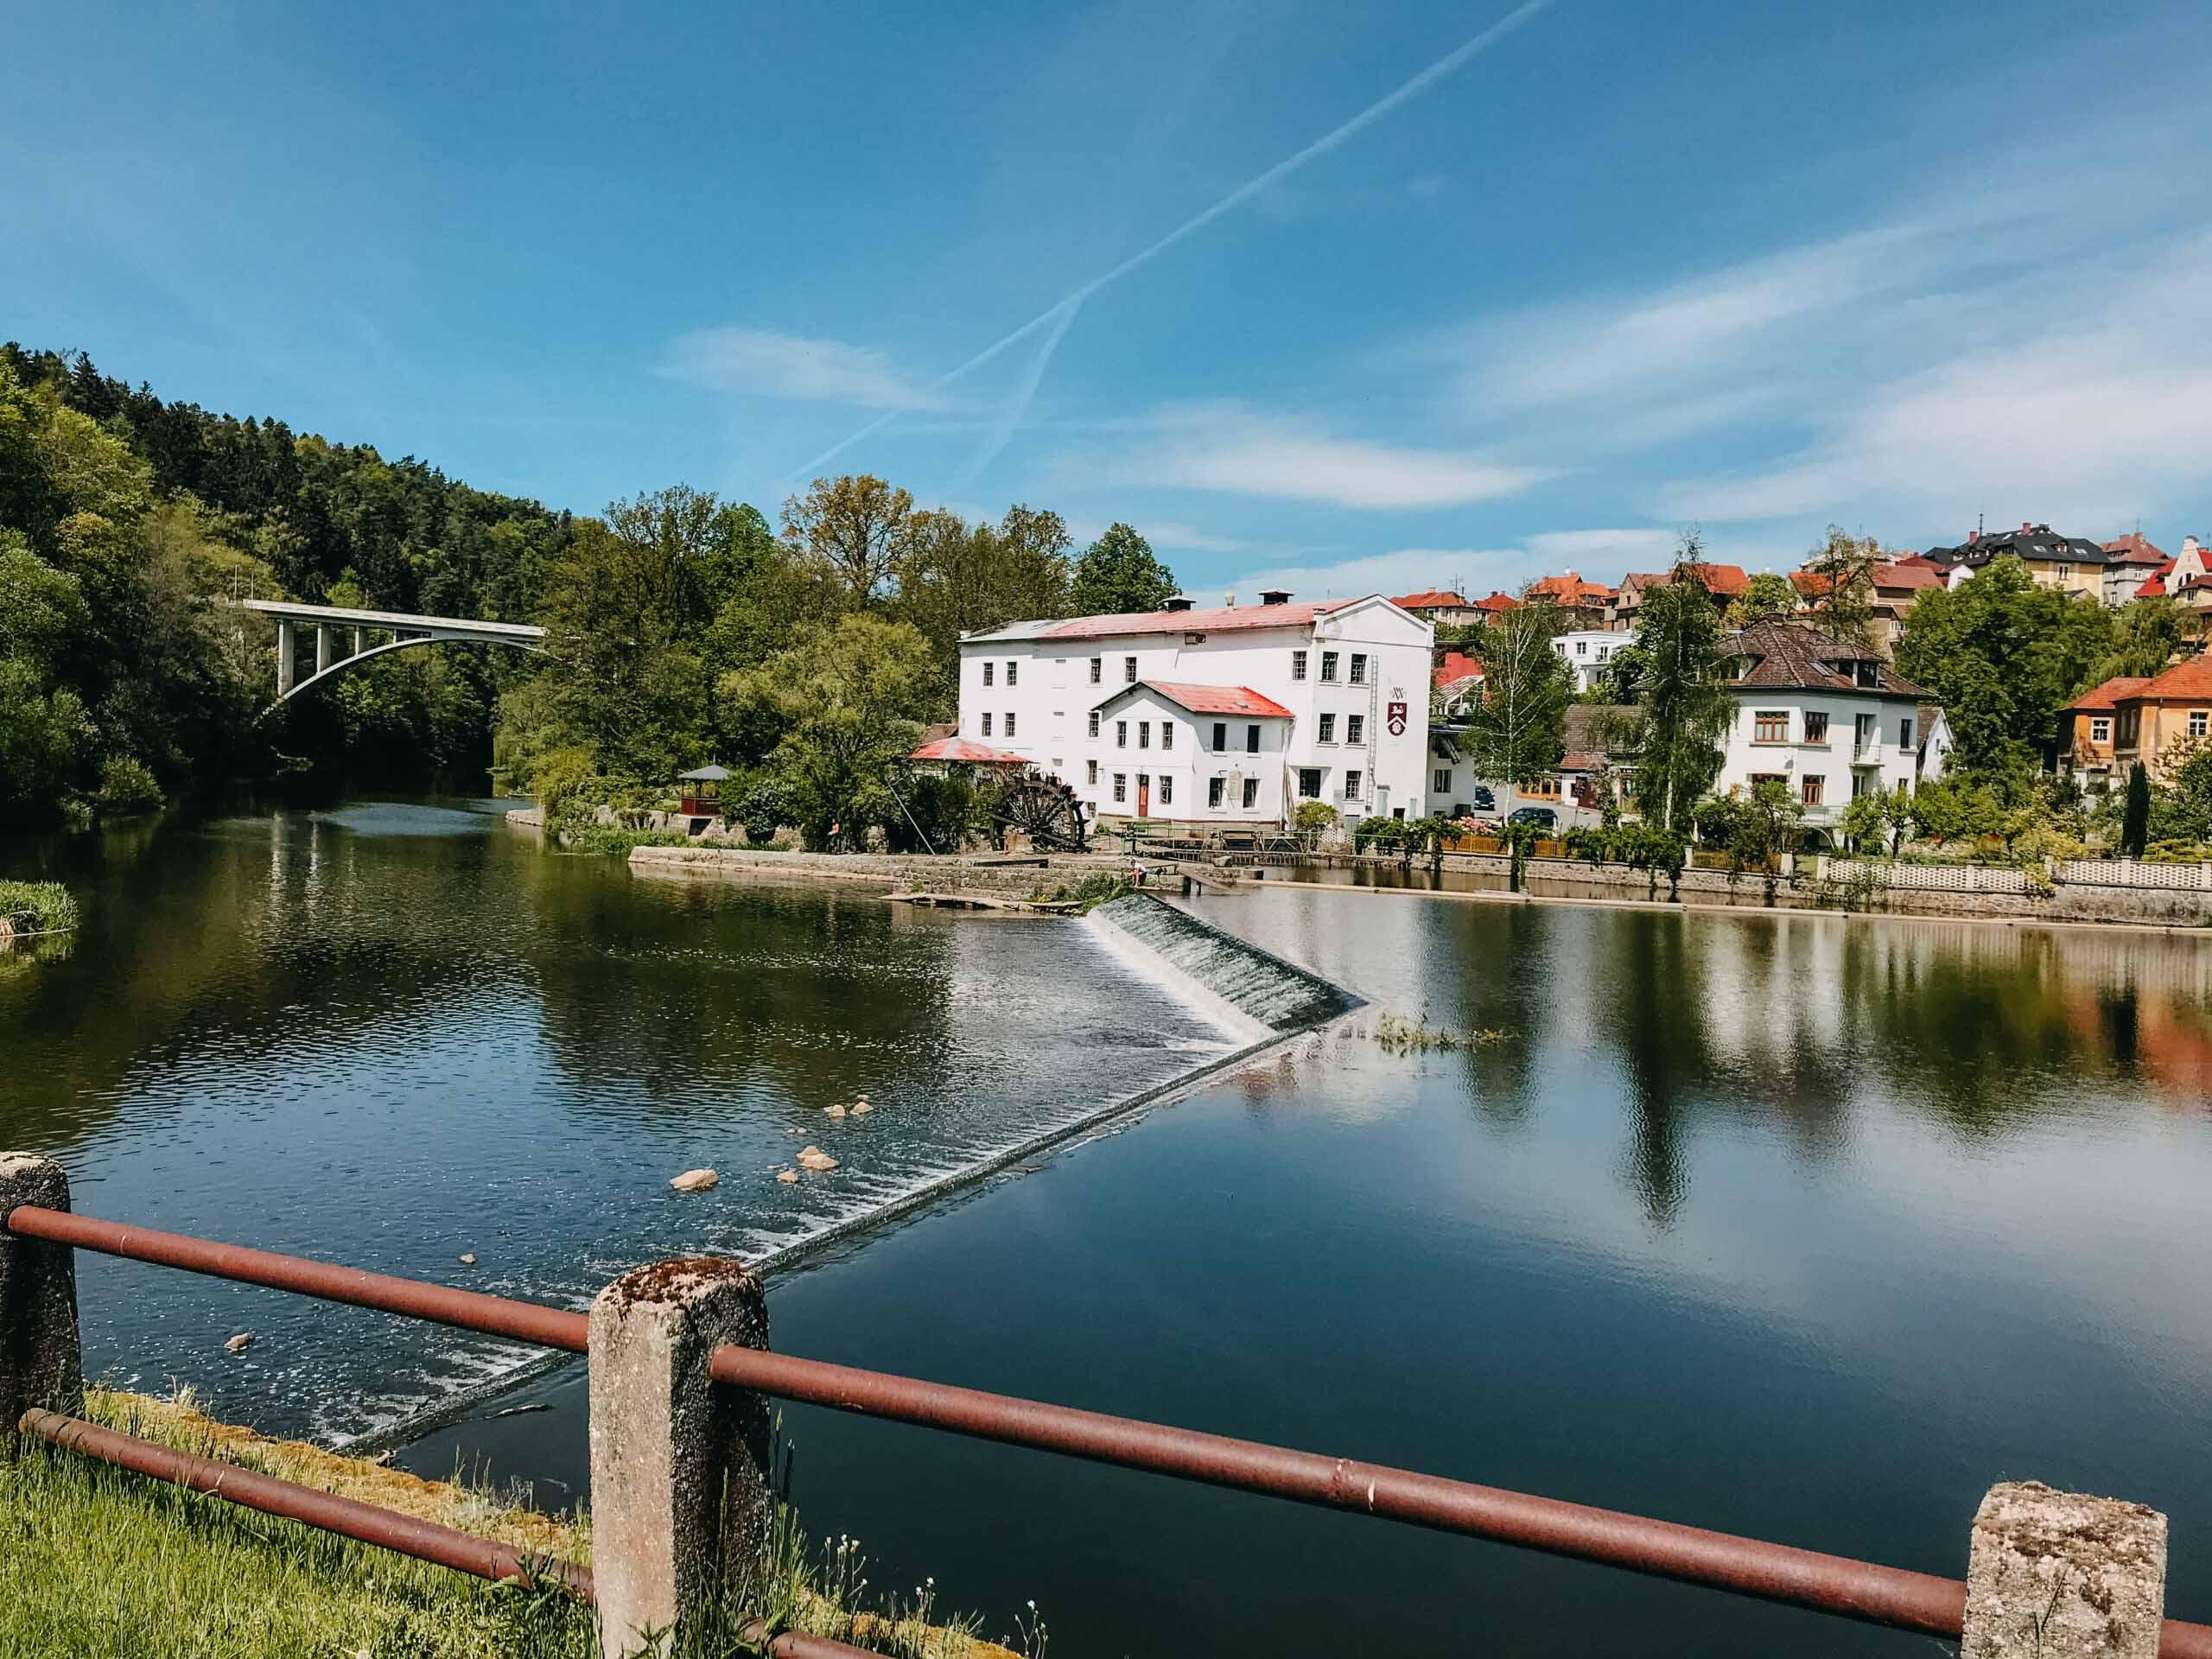 Jižní Čechy, stezka údolím Lužnice - Jiráci na cestách